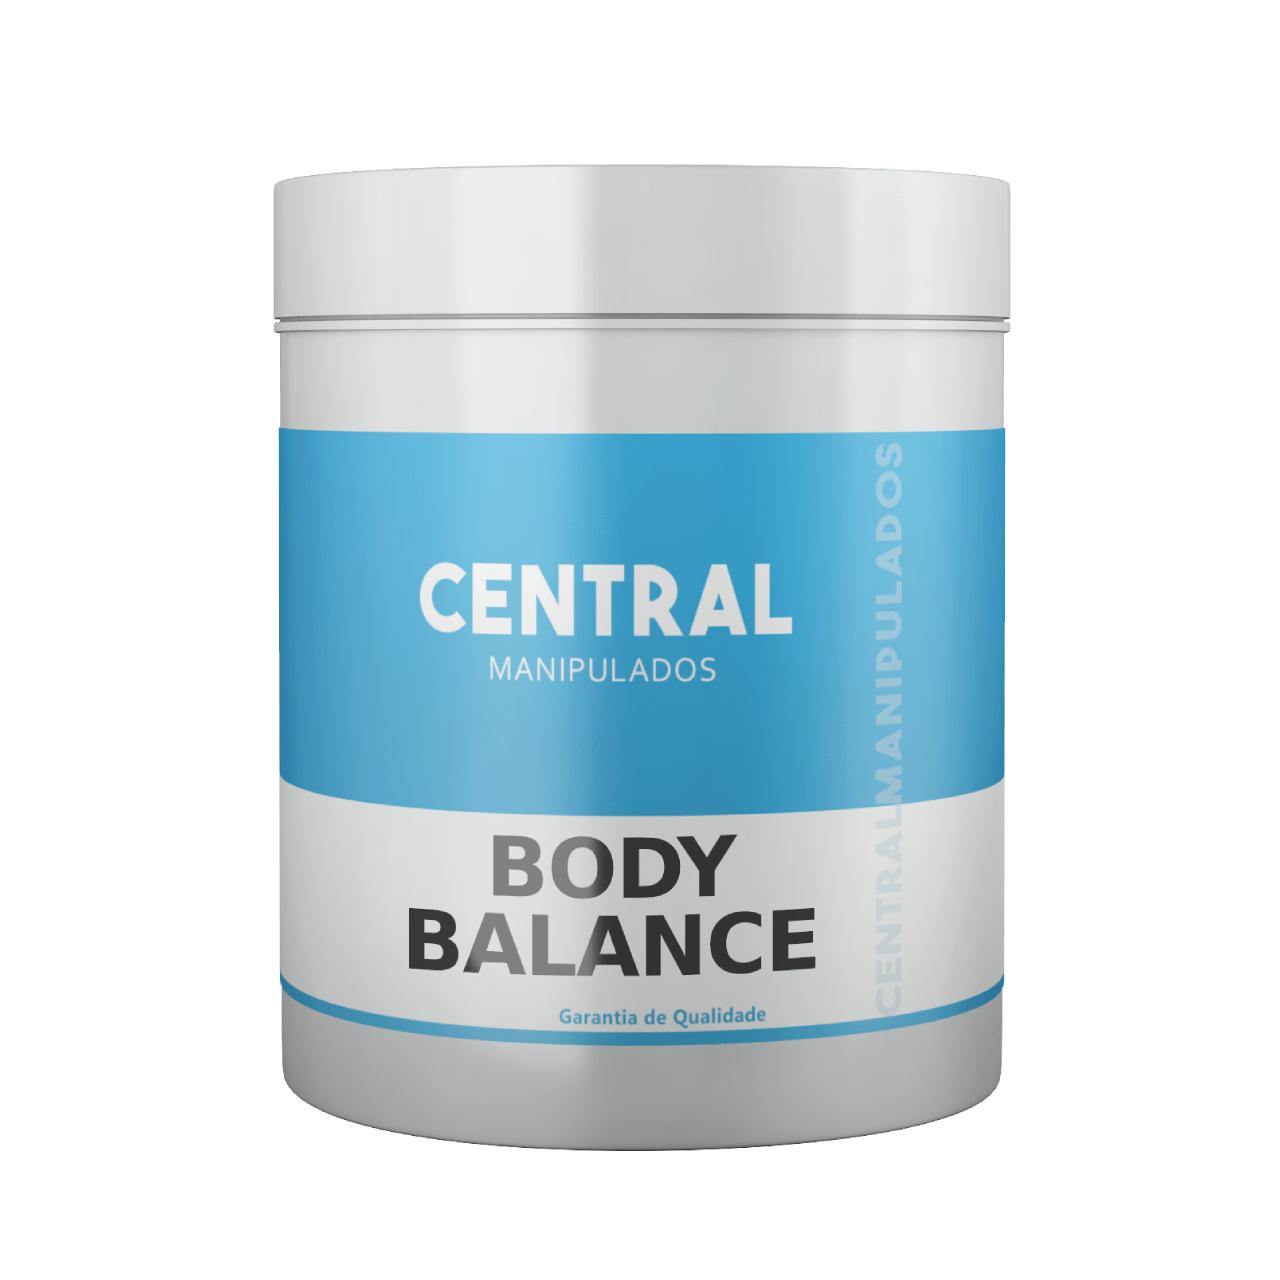 Colágeno Body Balance Em Pó - Sabor laranja - 450g - Aumenta massa muscular, diminui gordura corporal, suplemento protéico de uso diário